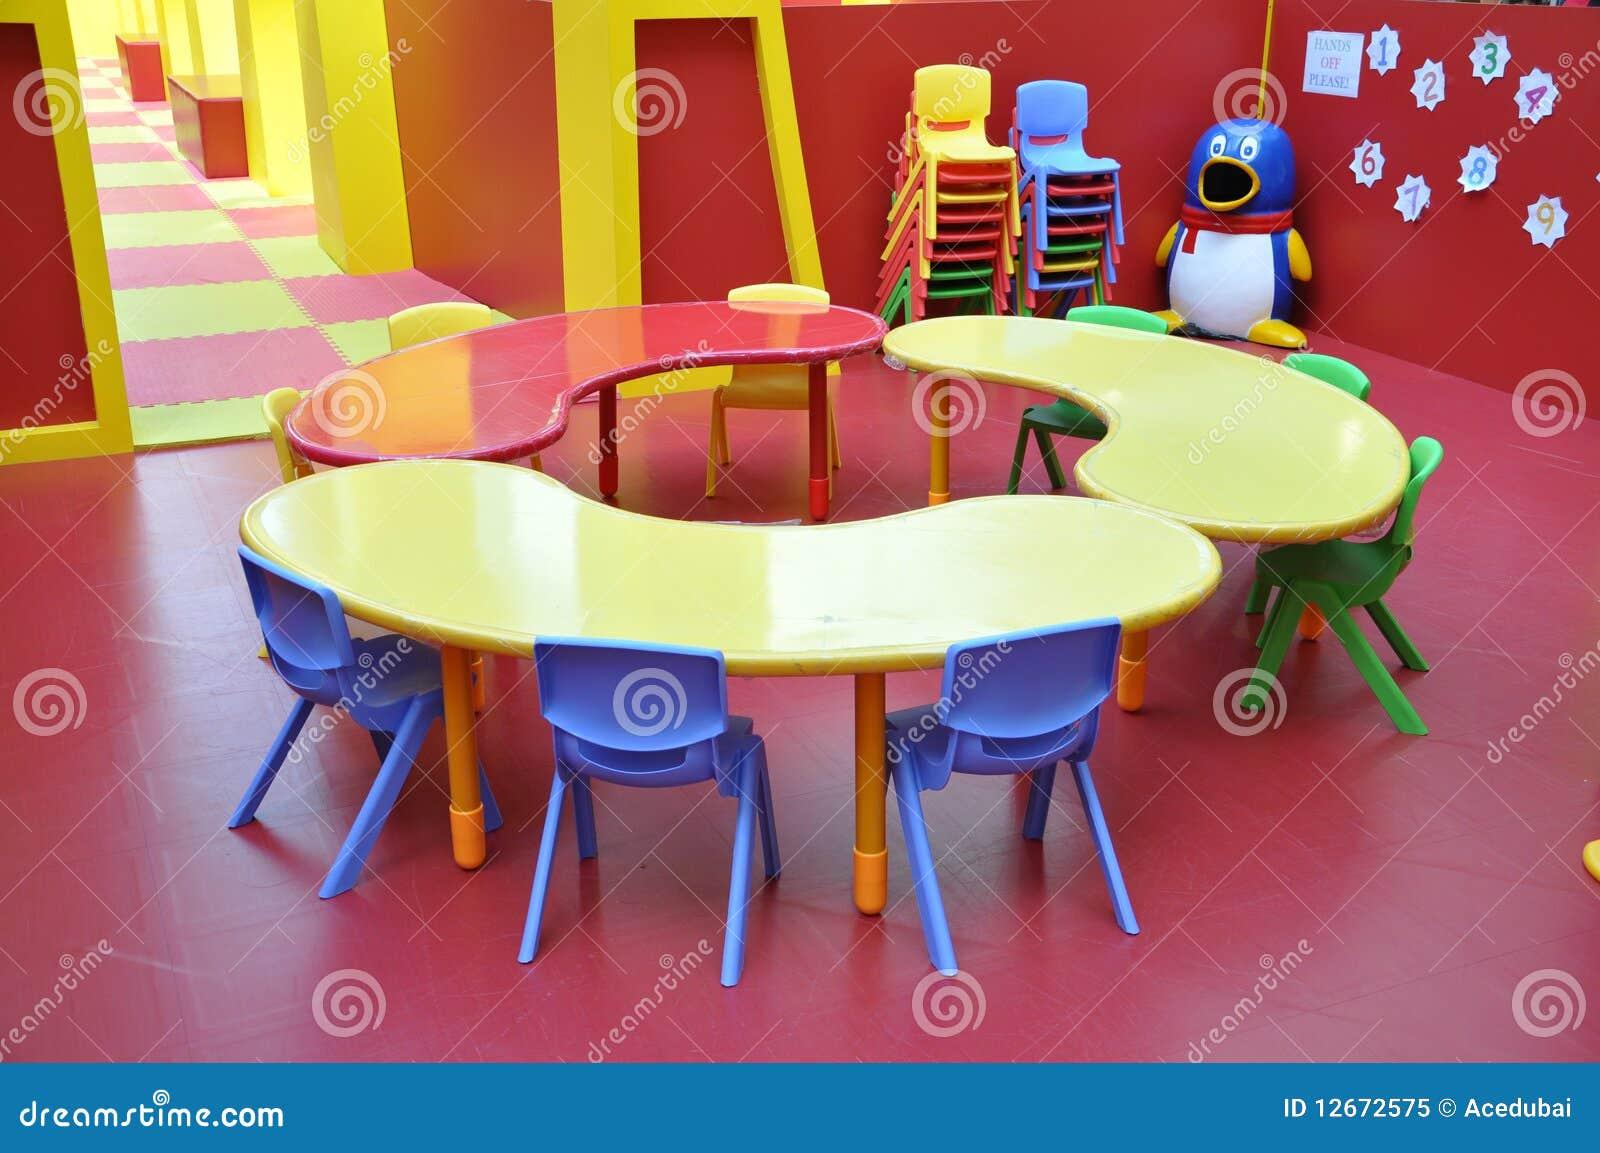 Tableau de terrain de jeux d 39 enfants de jardin d 39 enfants - Table de jardin enfants ...